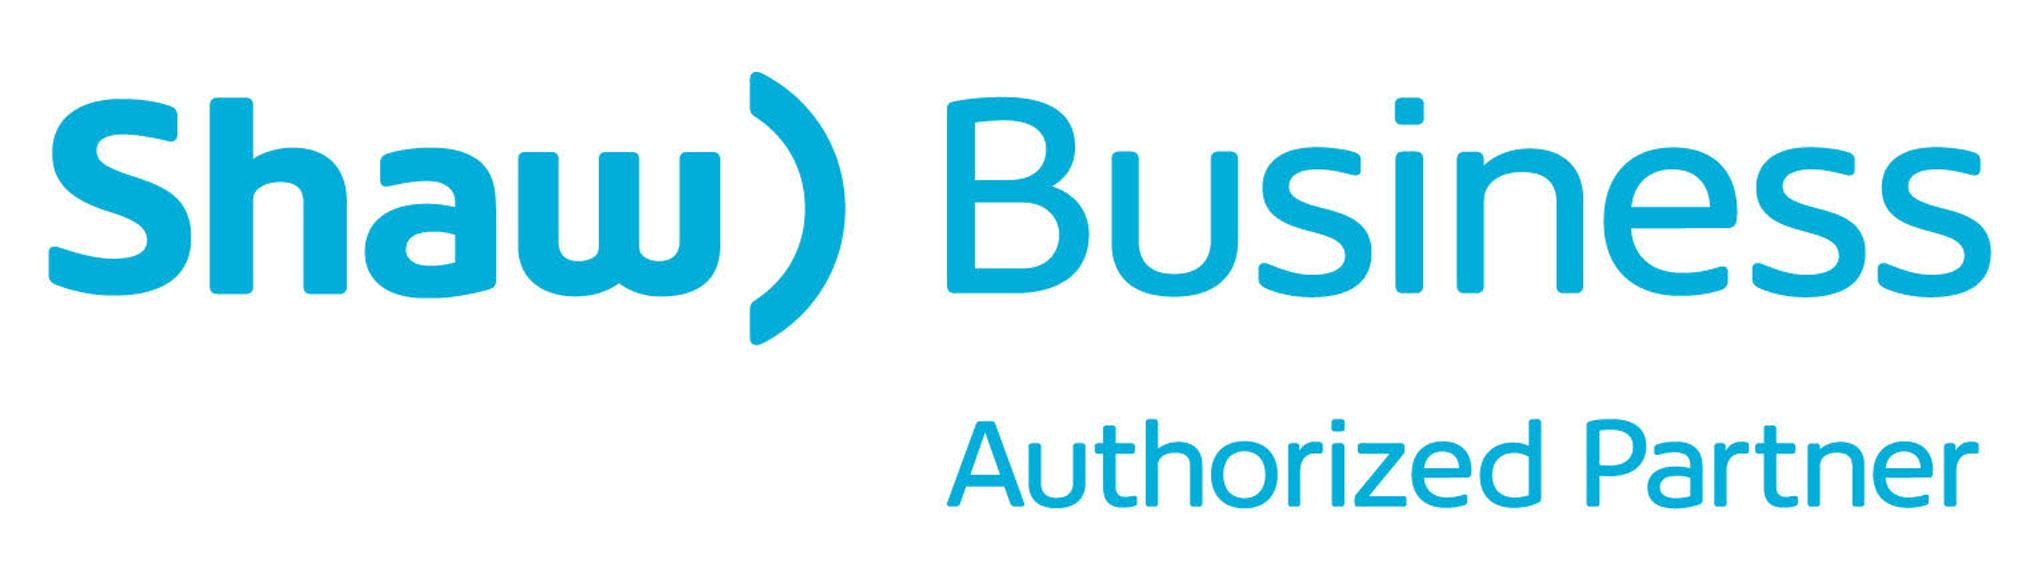 Shaw Business Authorized Partner